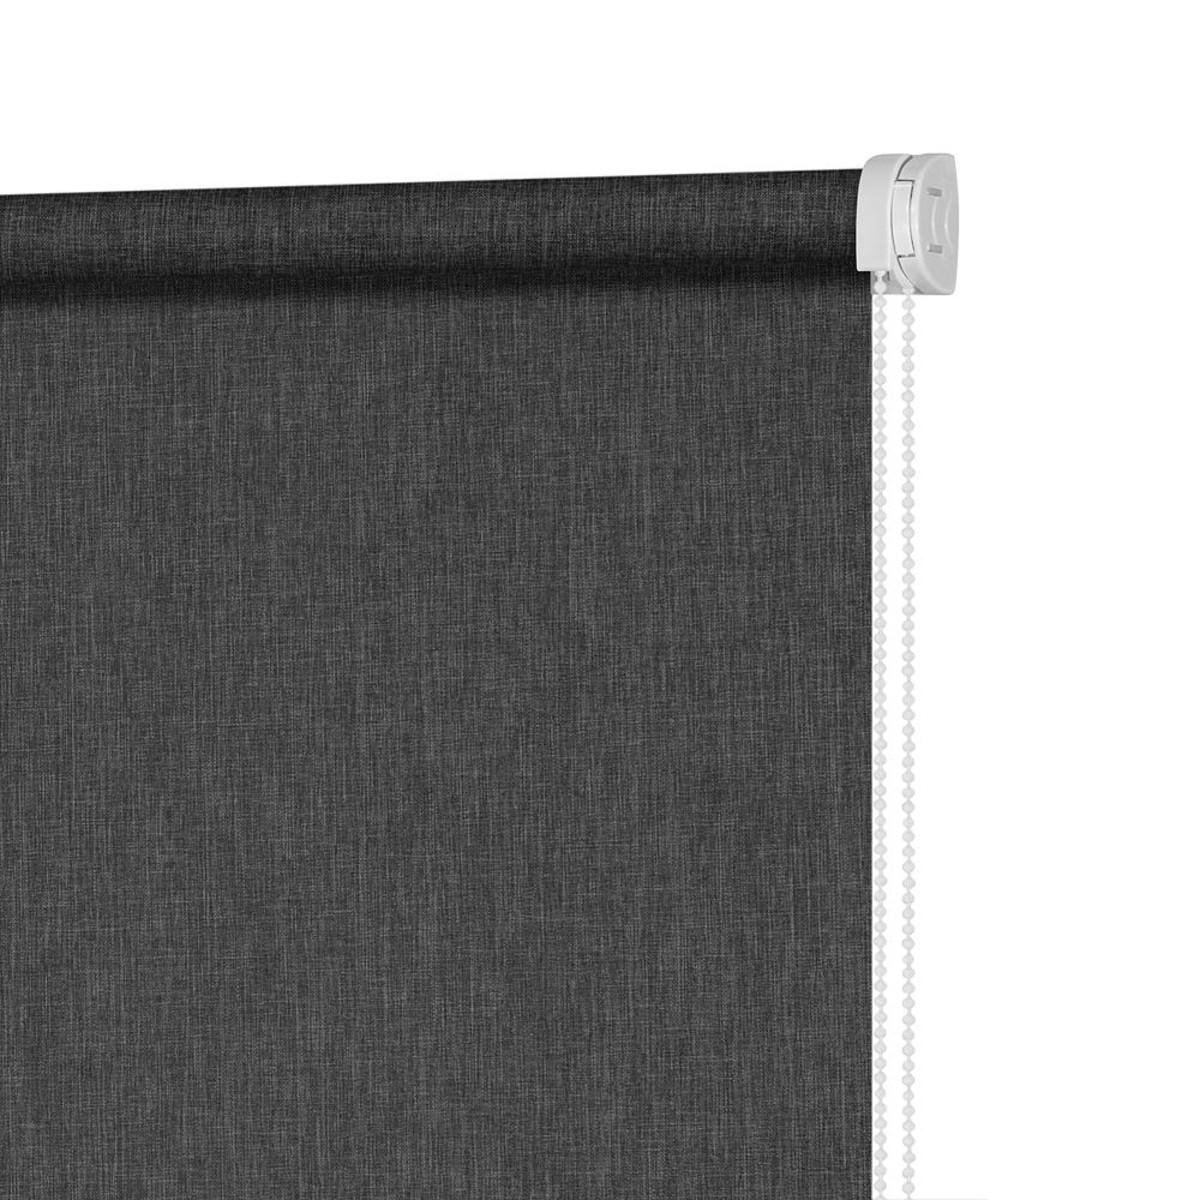 Рулонная Ора Decofest Меланж 60Х160 Цвет Серый